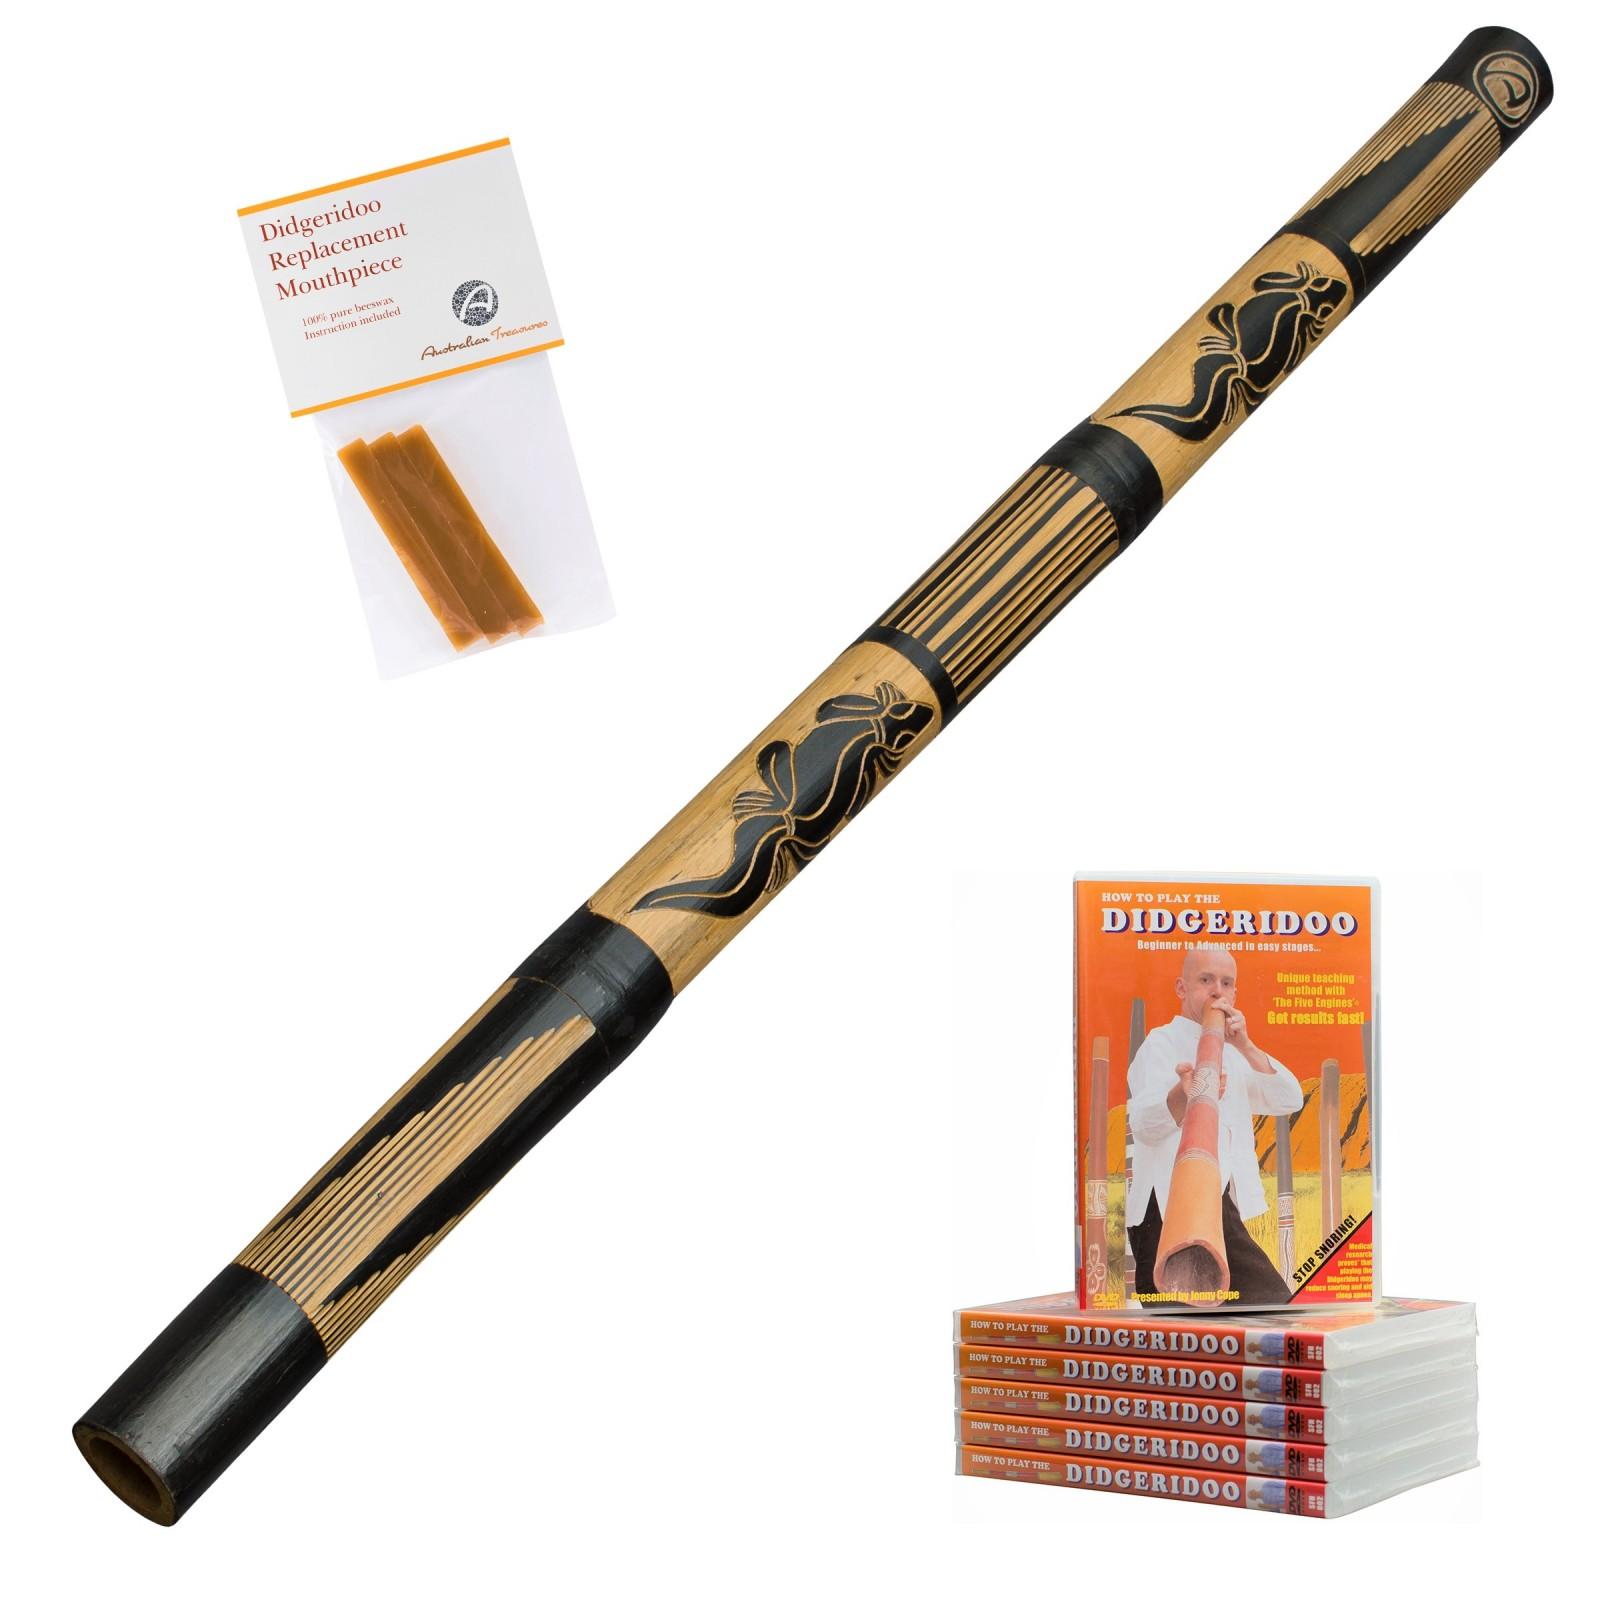 Didgeridoo & DvD & bijenwas